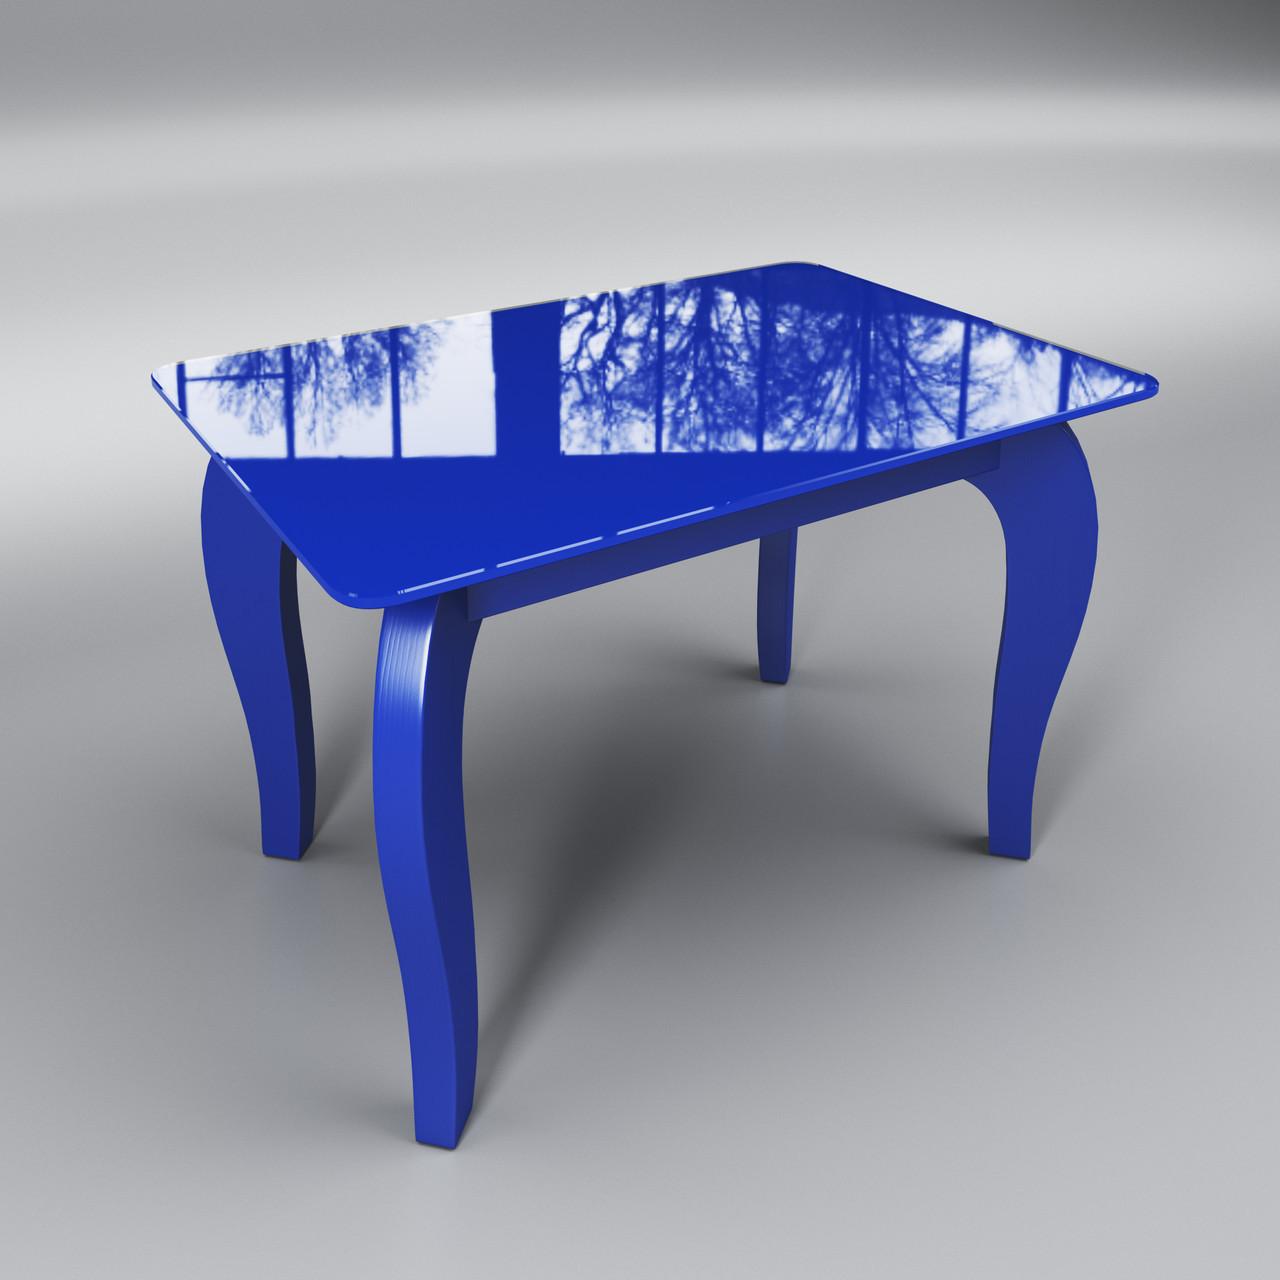 Журнальный стеклянный стол Император мини синий